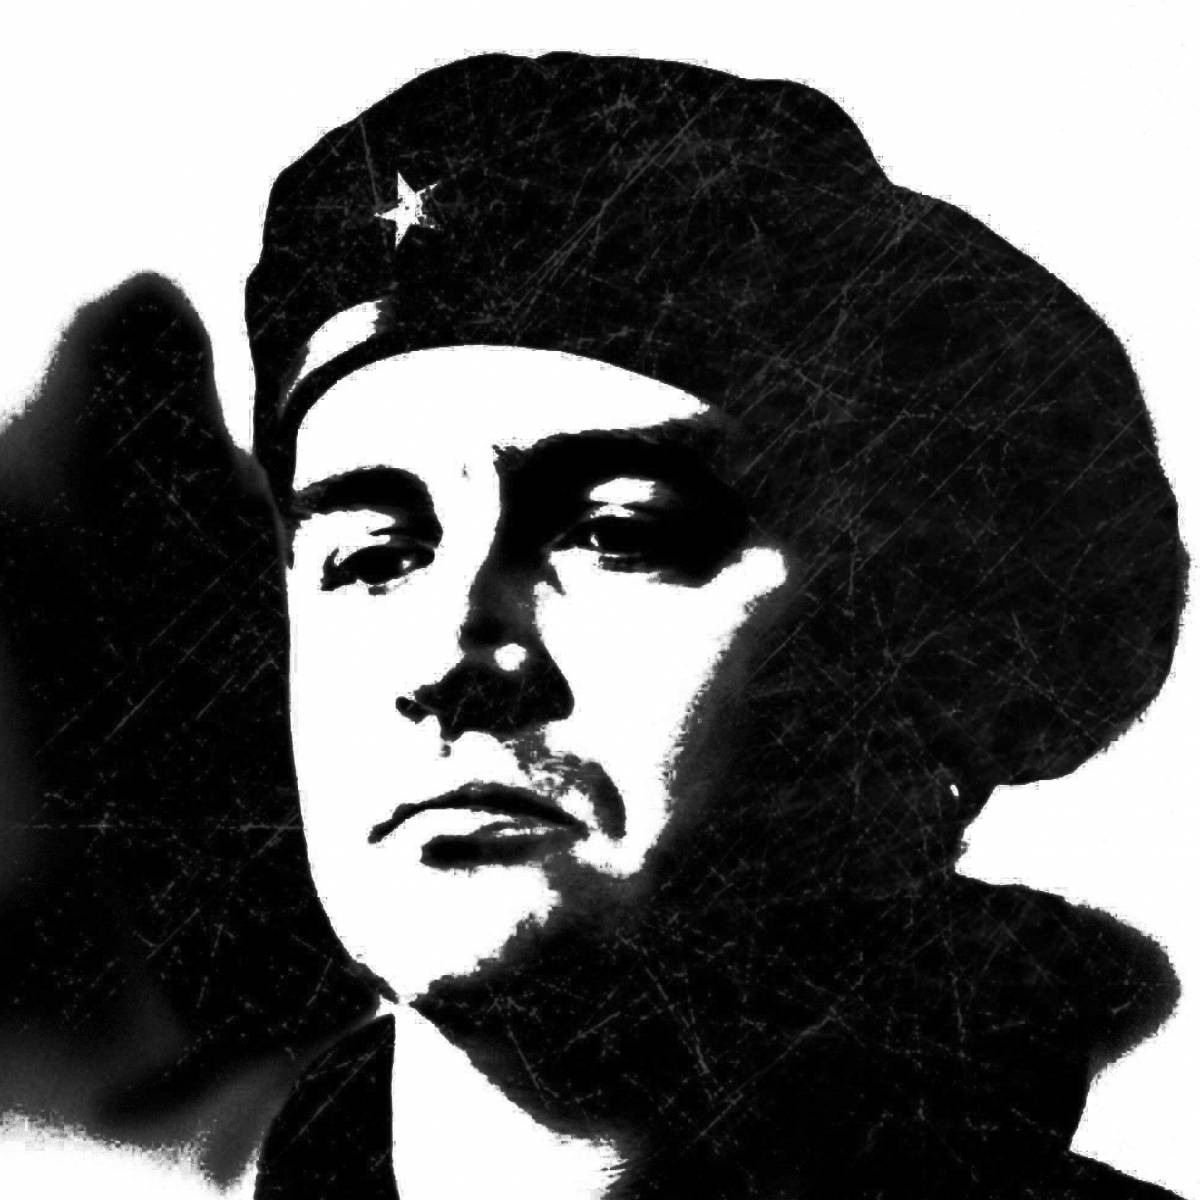 Александр Роджерс: Мазохист …